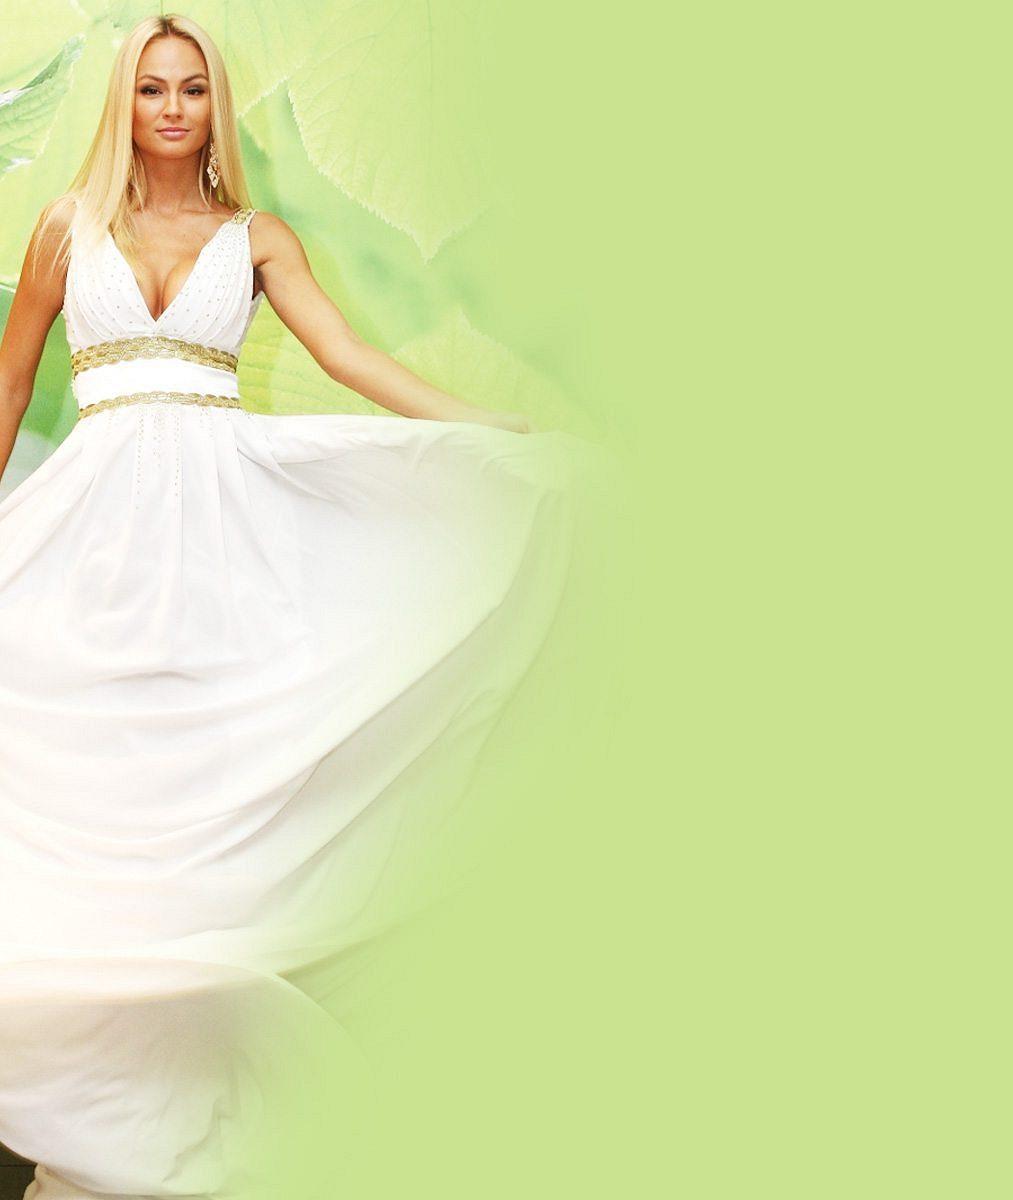 Nádherná Miss Earth Tereza Fajksová jako antická bohyně: Jak se vám líbí?